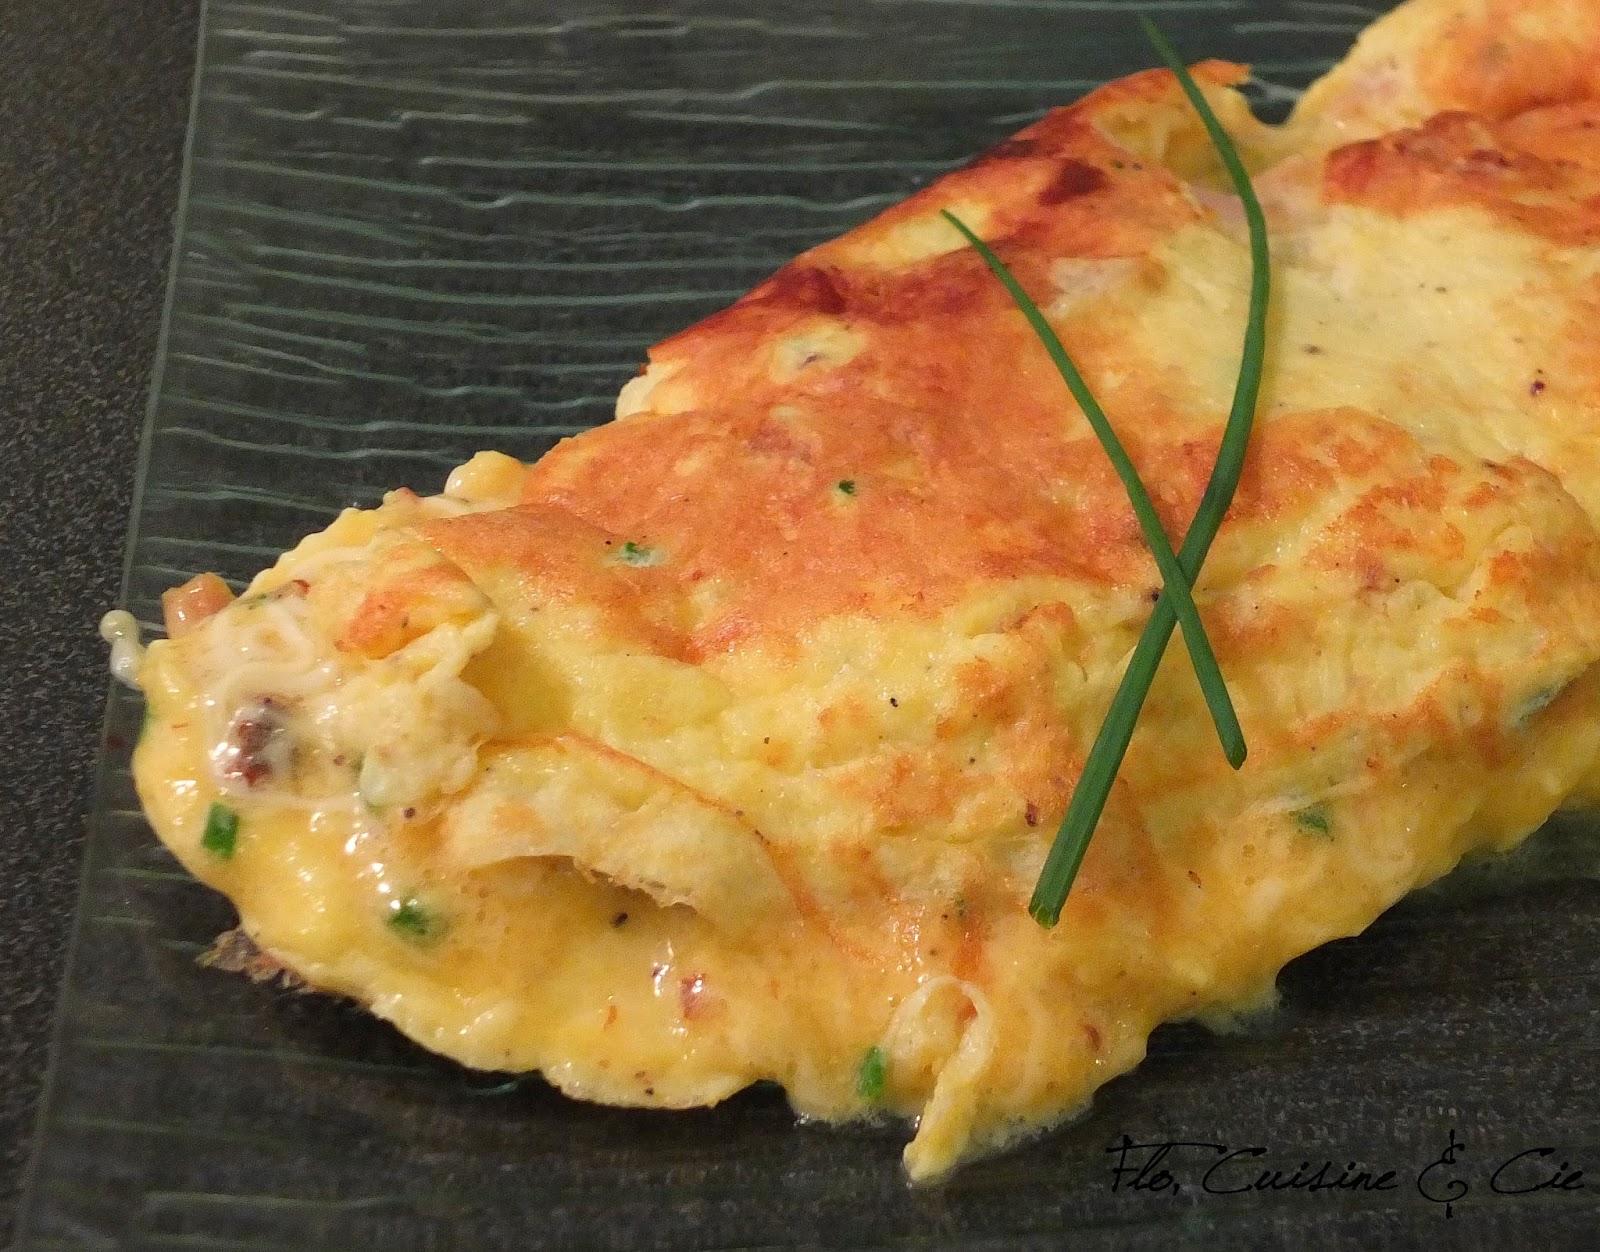 Flo Cuisine Cie Omelette Poulet Fromage Et Ciboulette